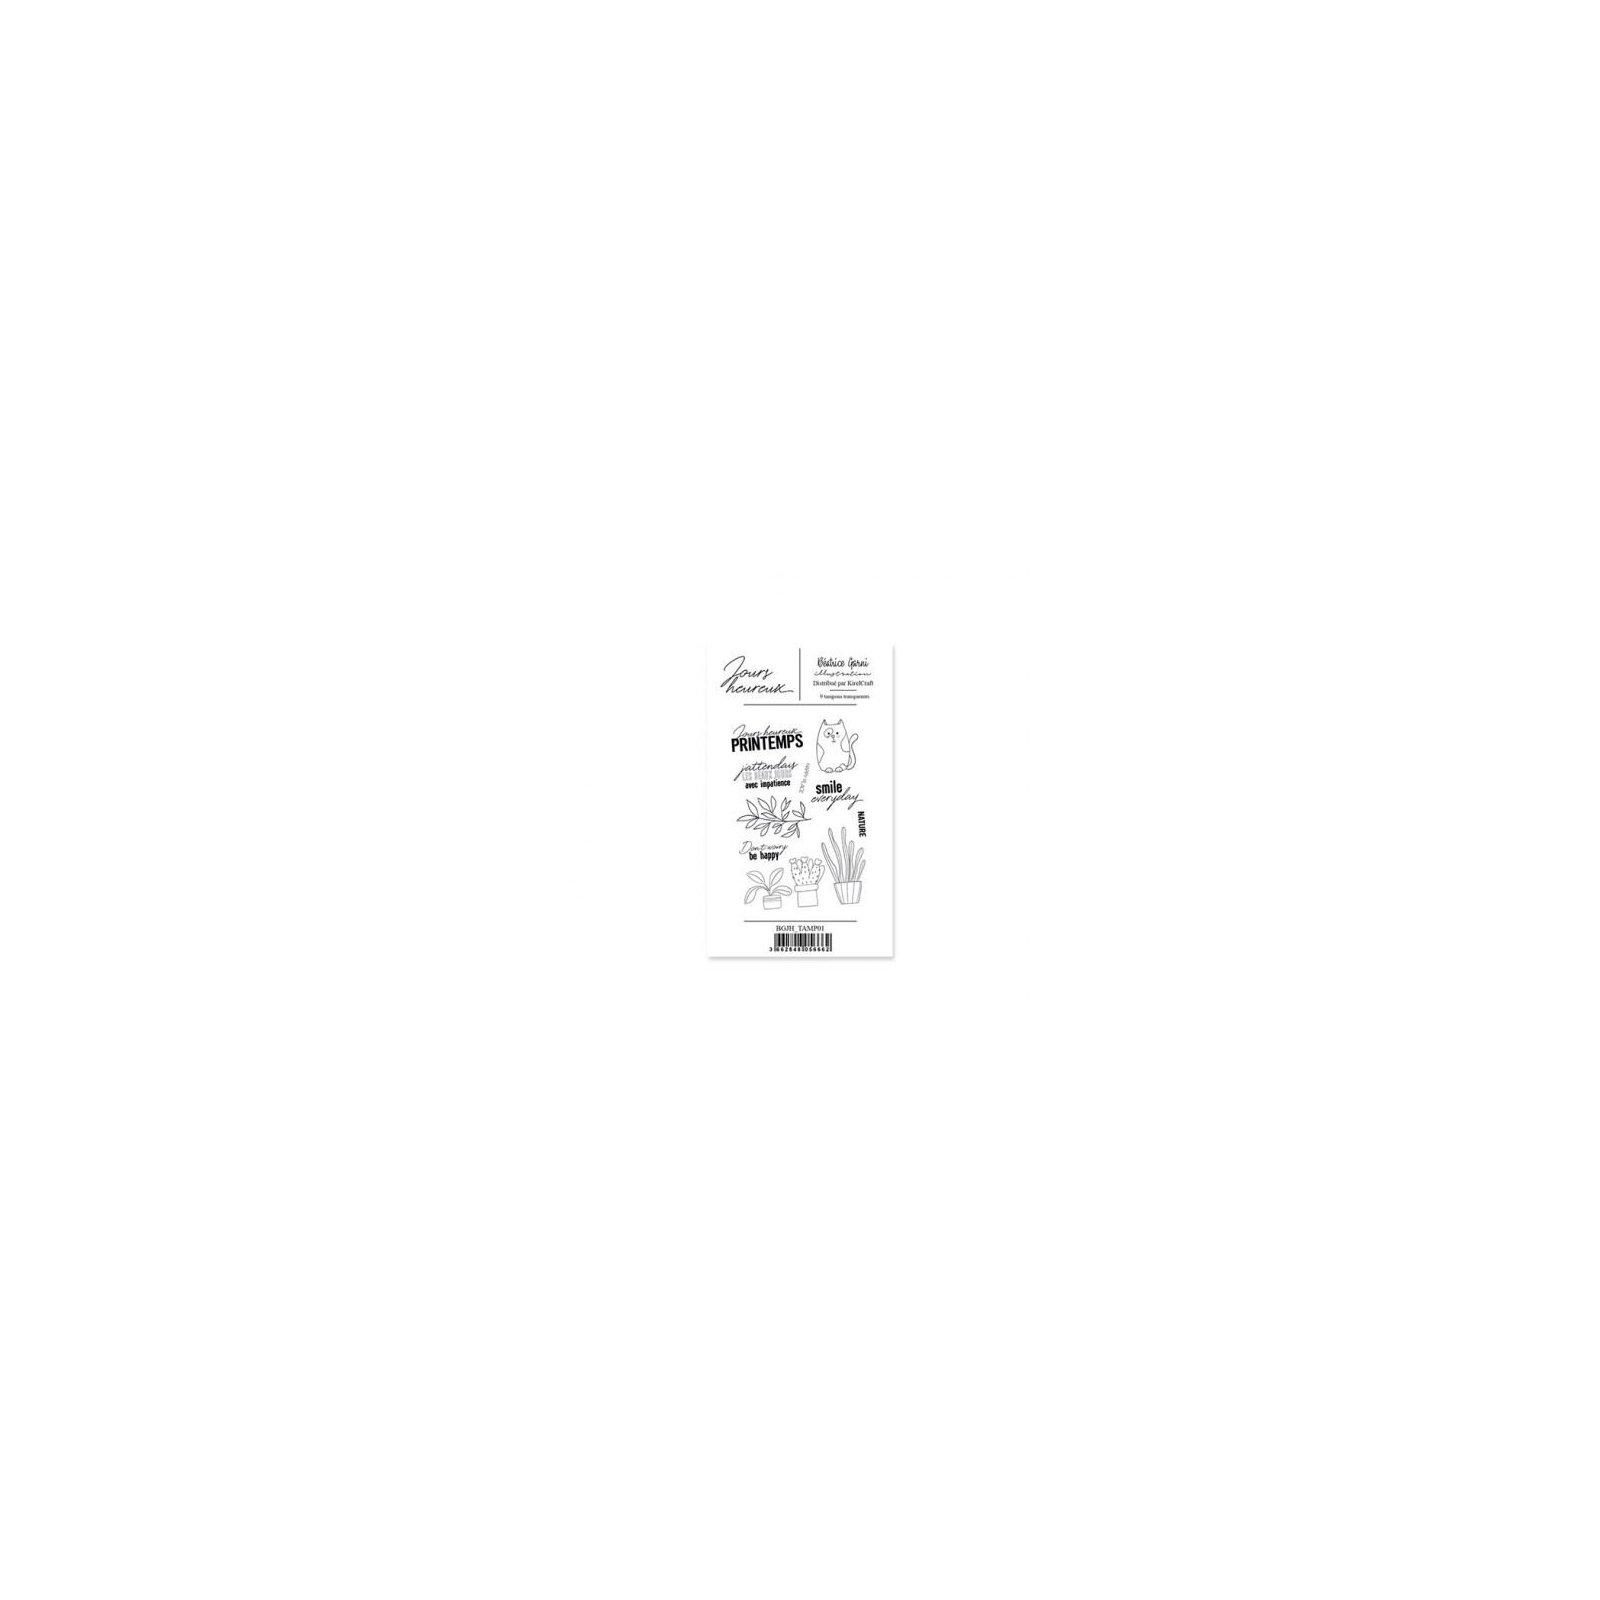 Tampon transparent - Un - Jours heureux - Béatrice Garni